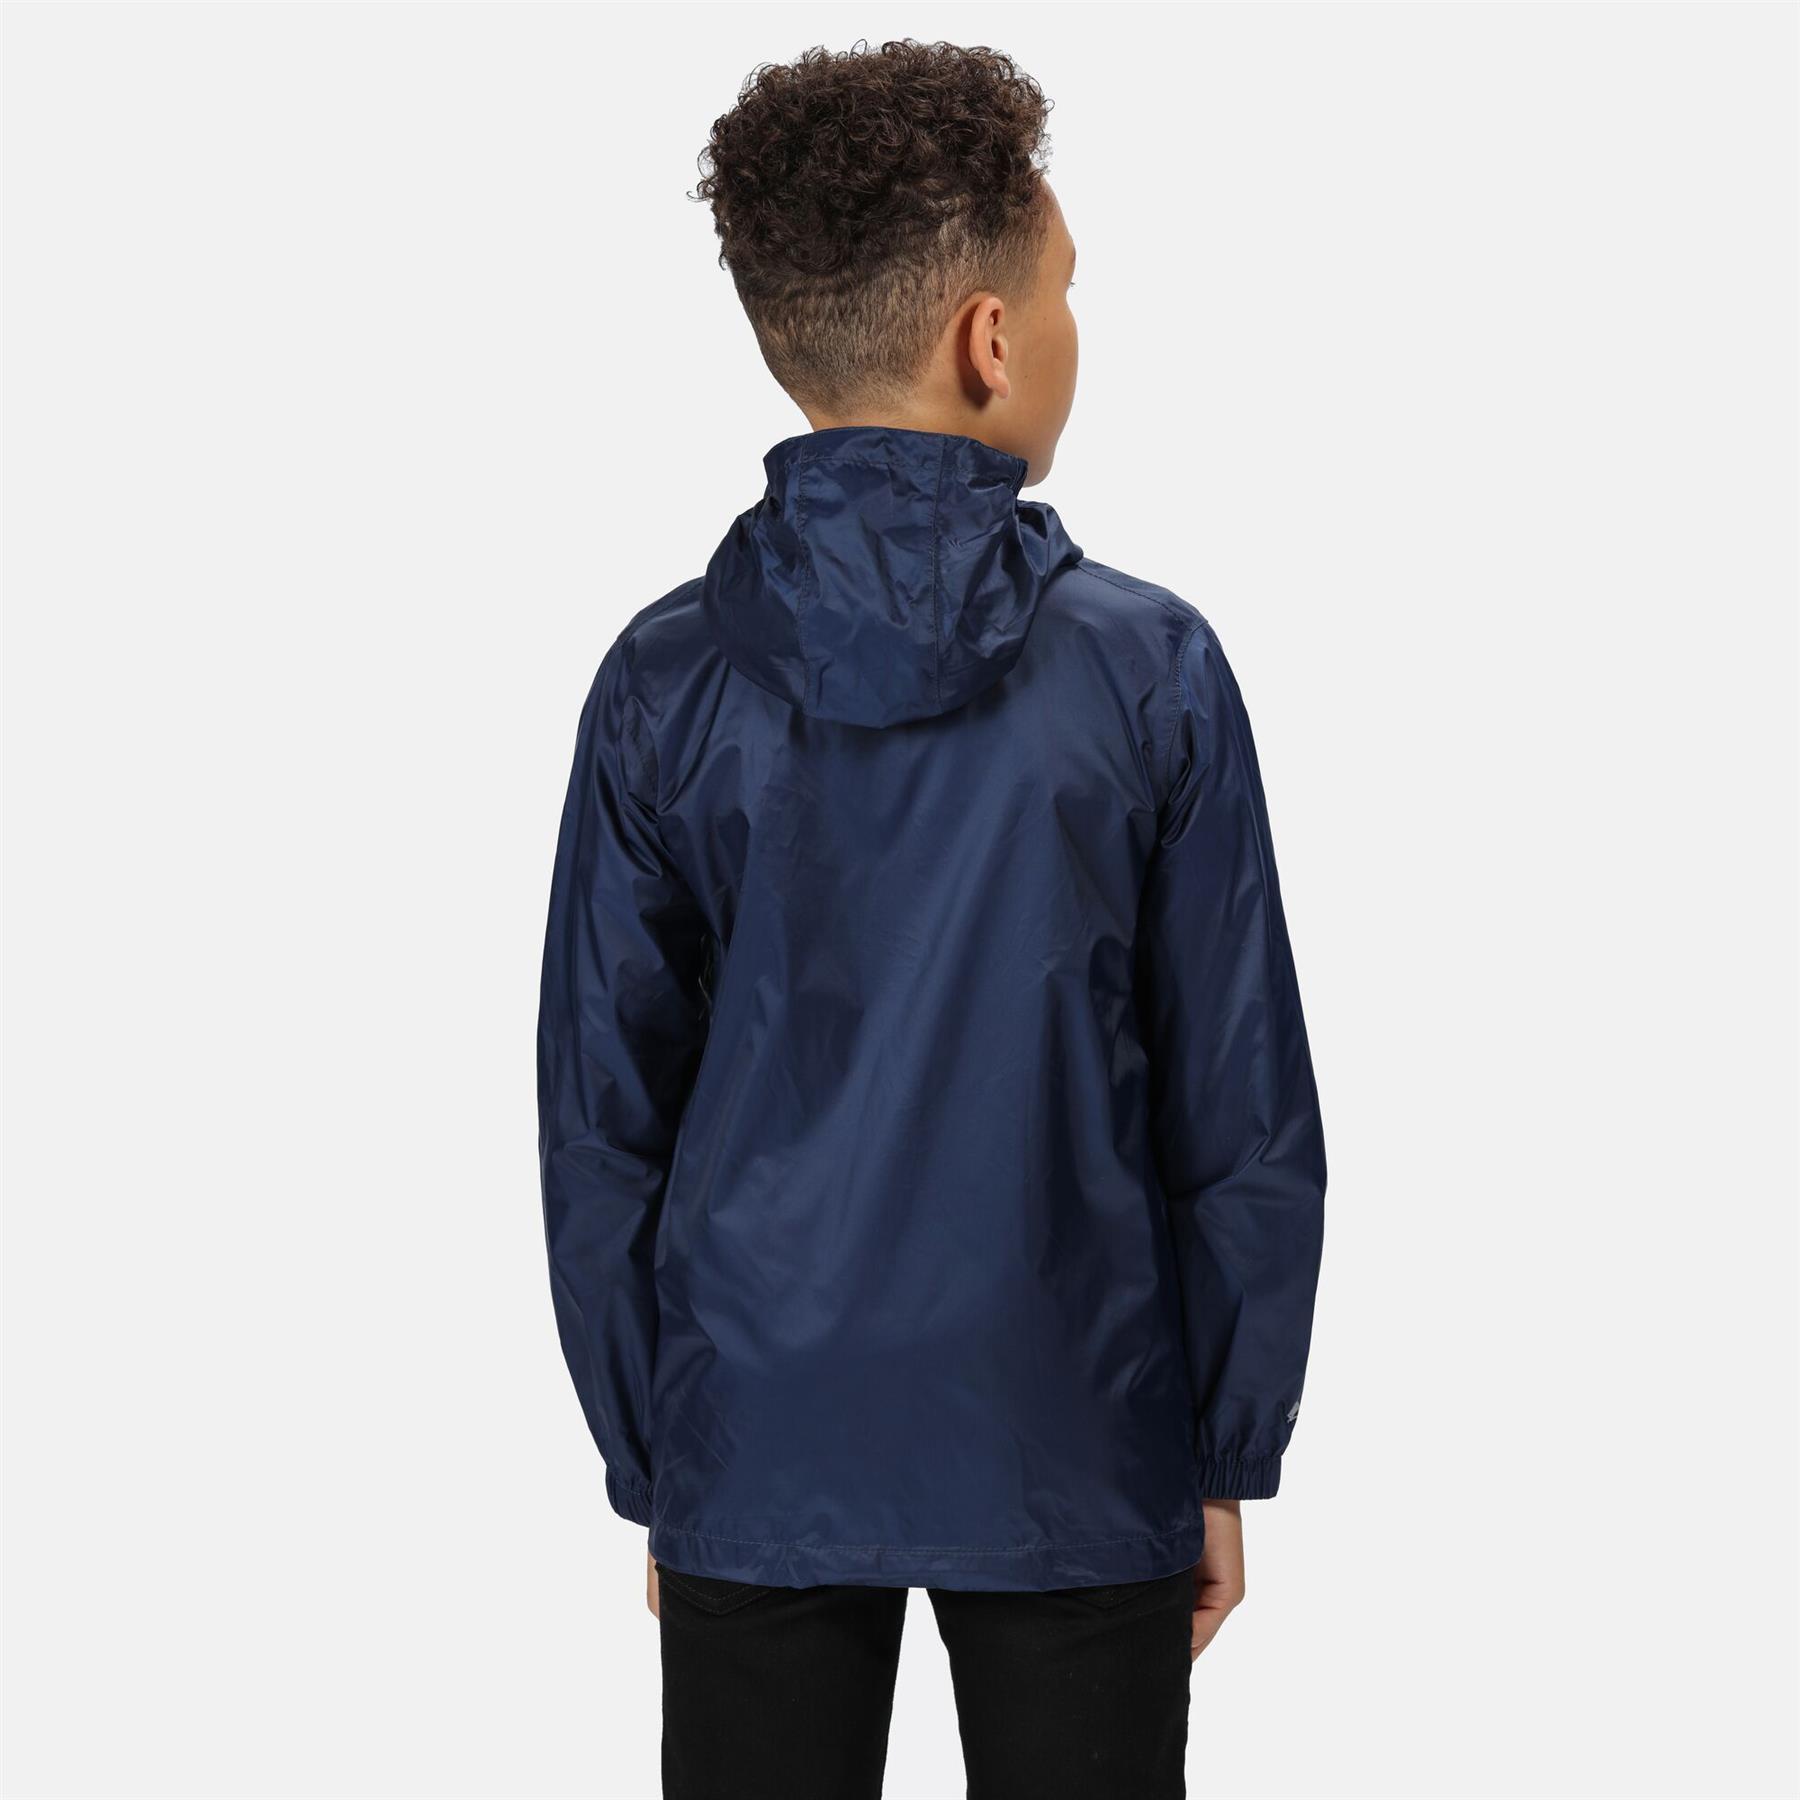 miniatuur 11 - Regatta Kids Waterproof Stormbreak Shell Jacket Hooded Rain coat Boys Girls